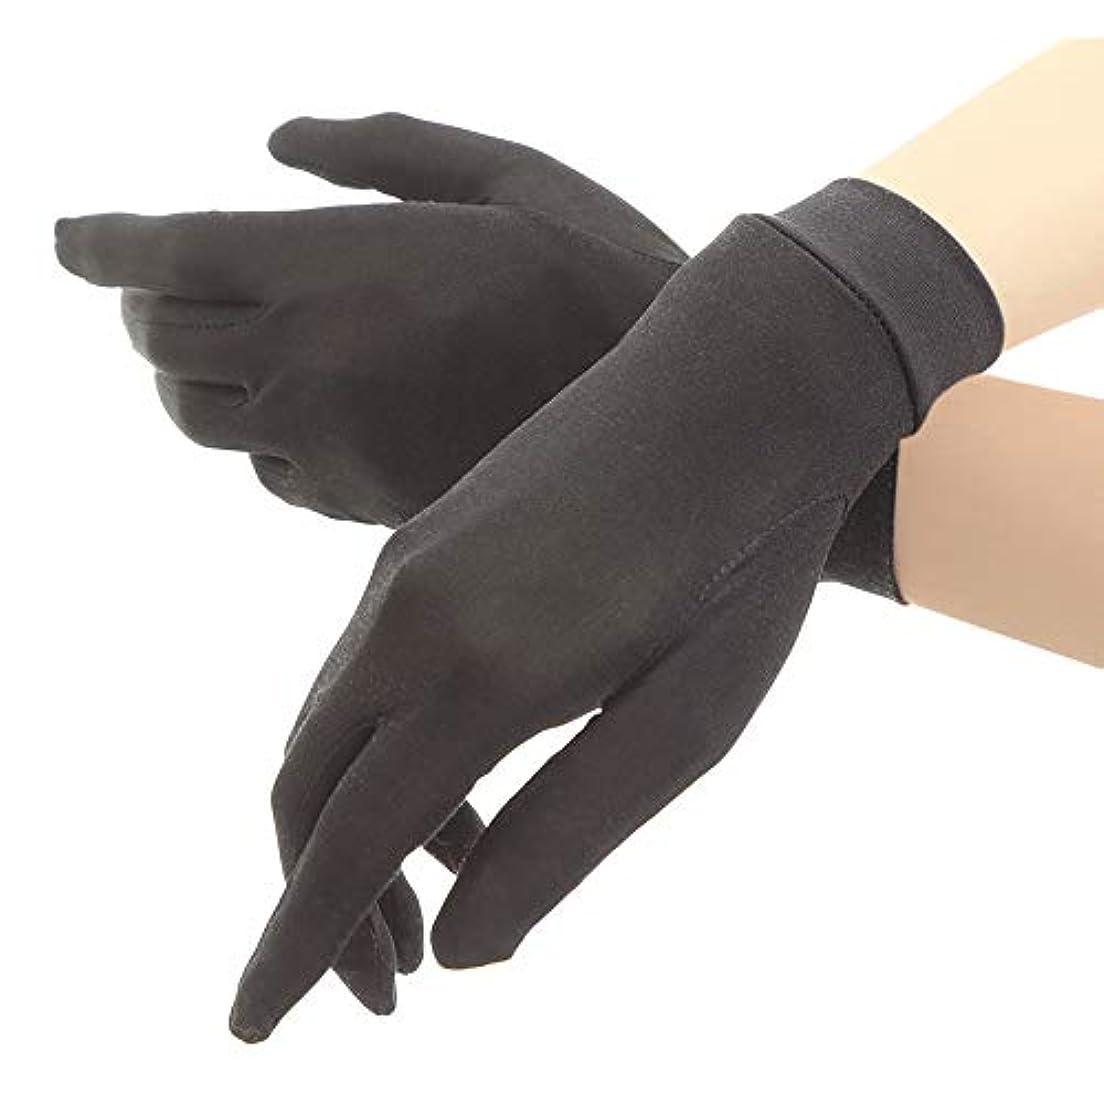 注釈トロイの木馬ポジションシルク手袋 レディース 手袋 シルク 絹 ハンド ケア 保湿 紫外線 肌荒れ 乾燥 サイズアップで手指にマッチ 【macch】